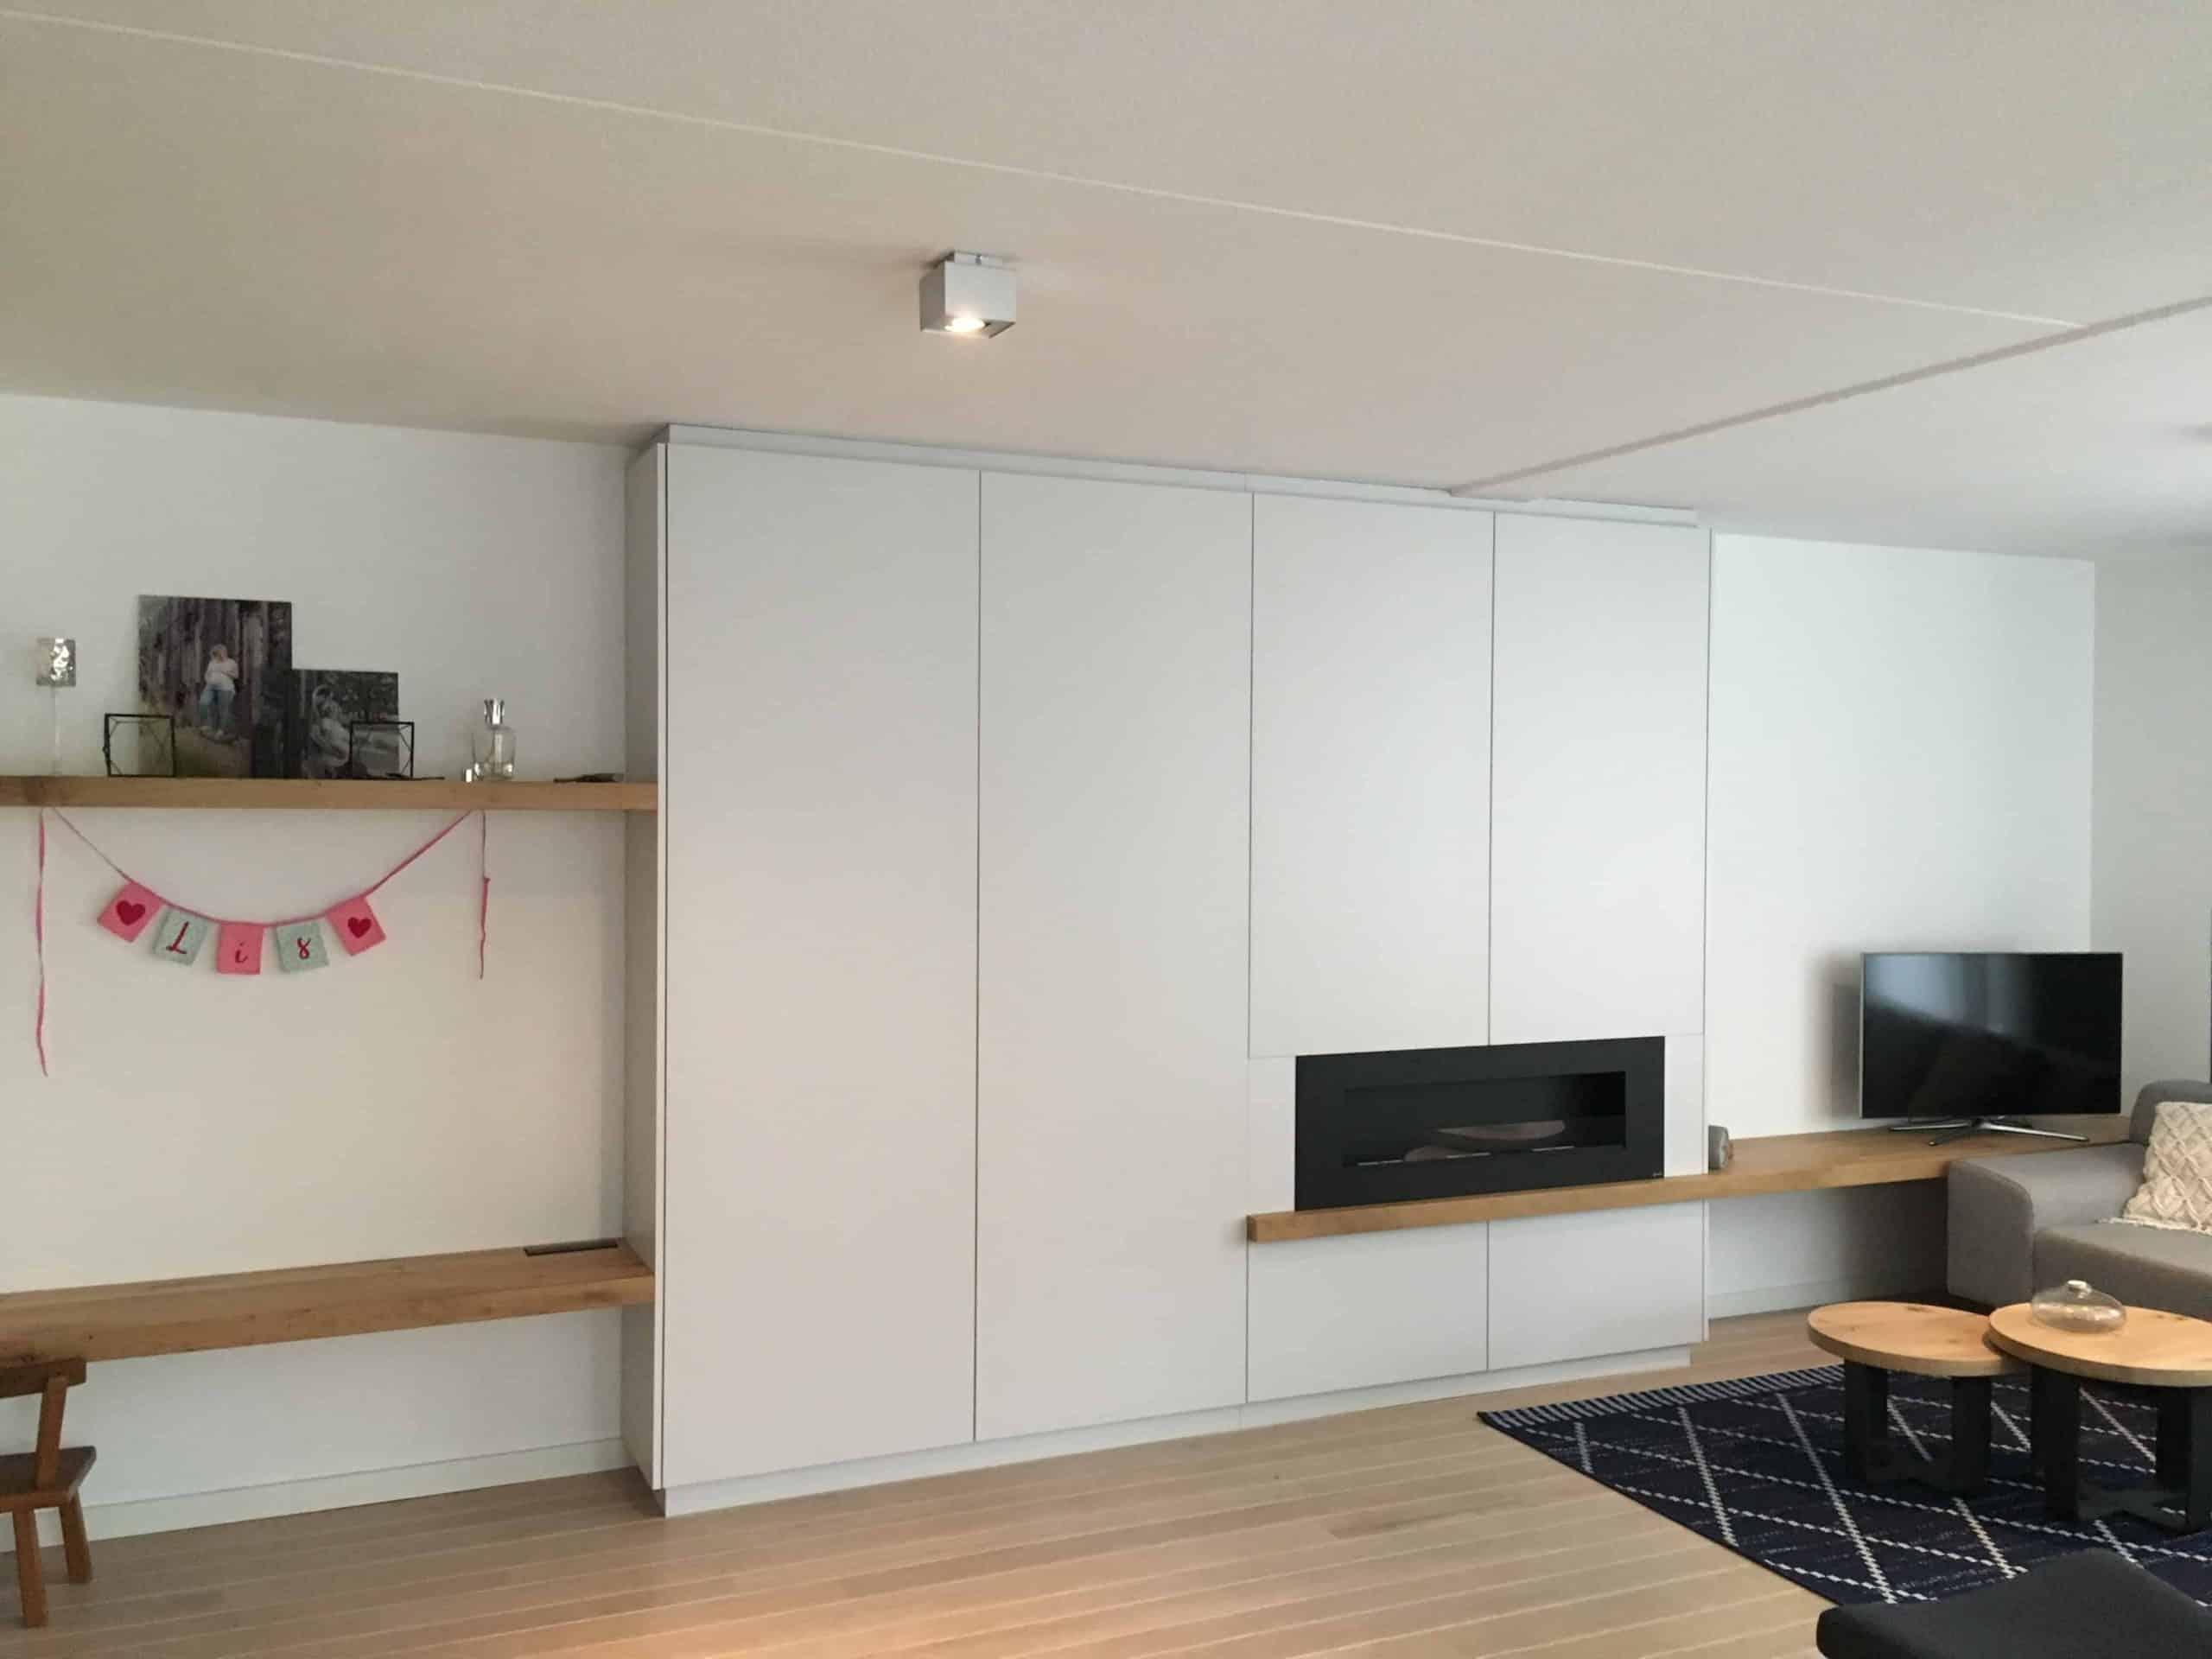 kasten wandmeubel licht grijs plaatmateriaal|hout en vorm